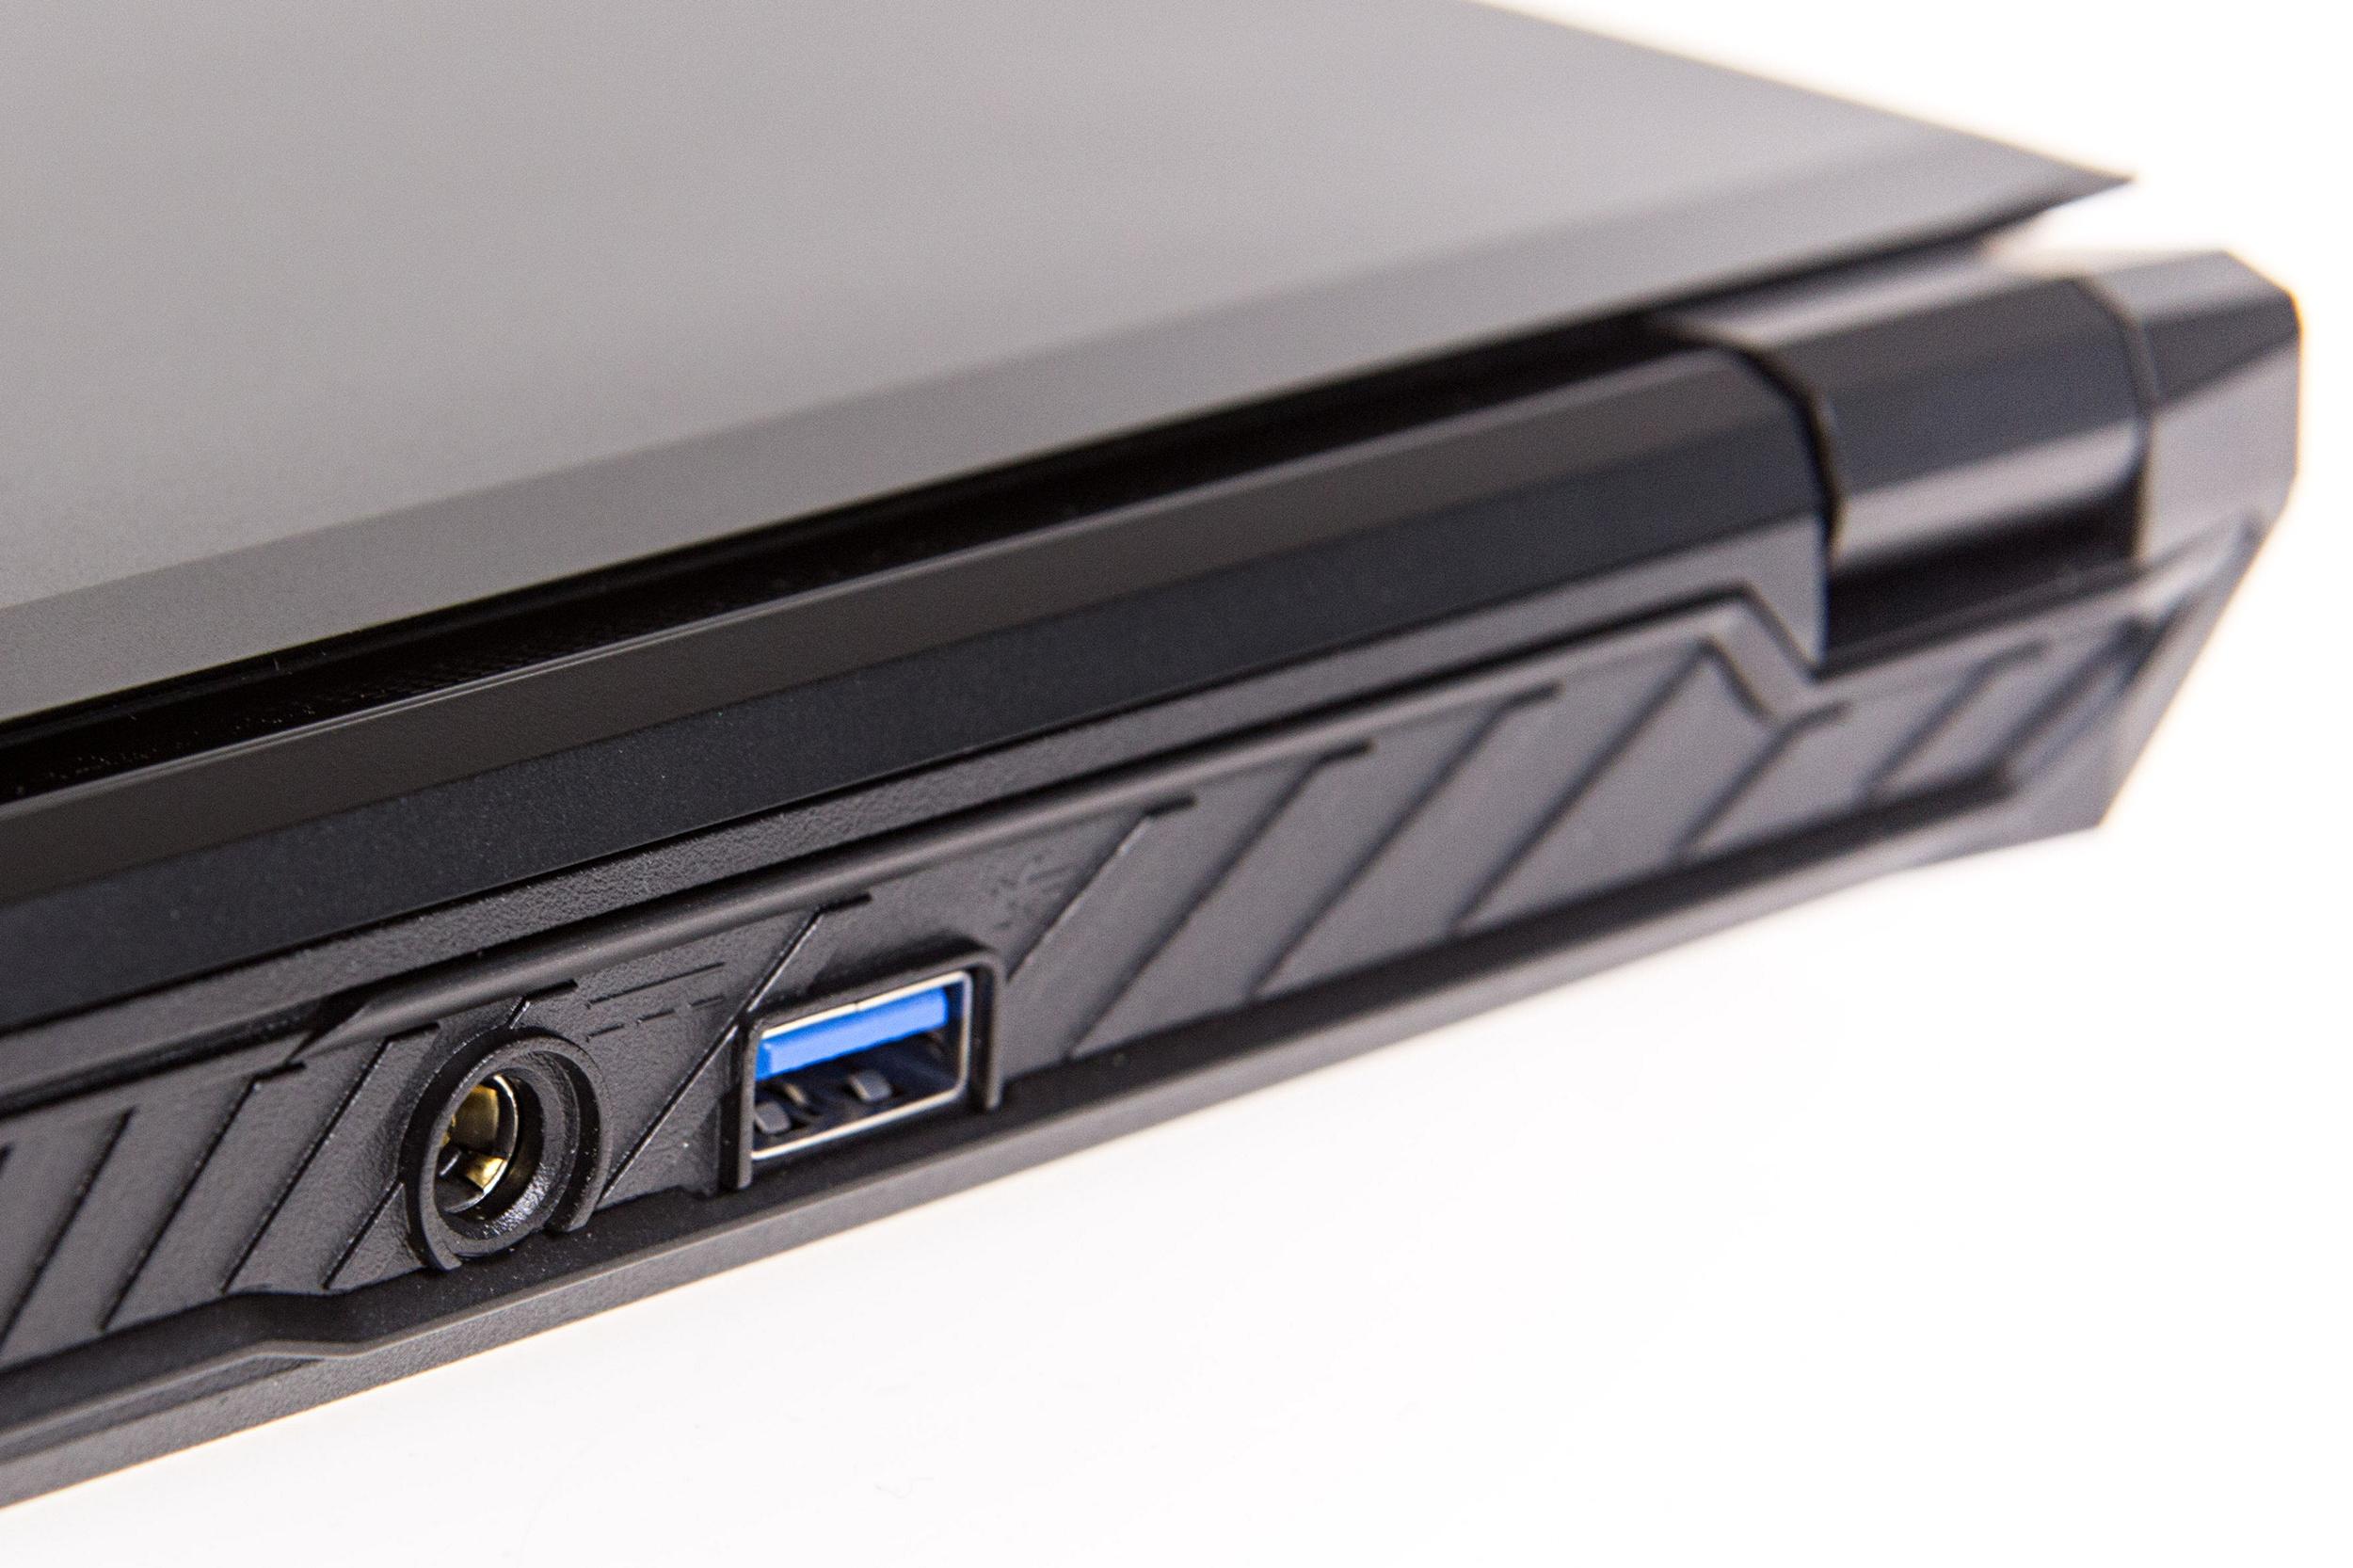 Core i7-6820HK: Das bringt CPU-Overclocking im Notebook - Das 120-Watt-Netzteil wird hinten angeschlossen (Foto: Martin Wolf/Golem.de)